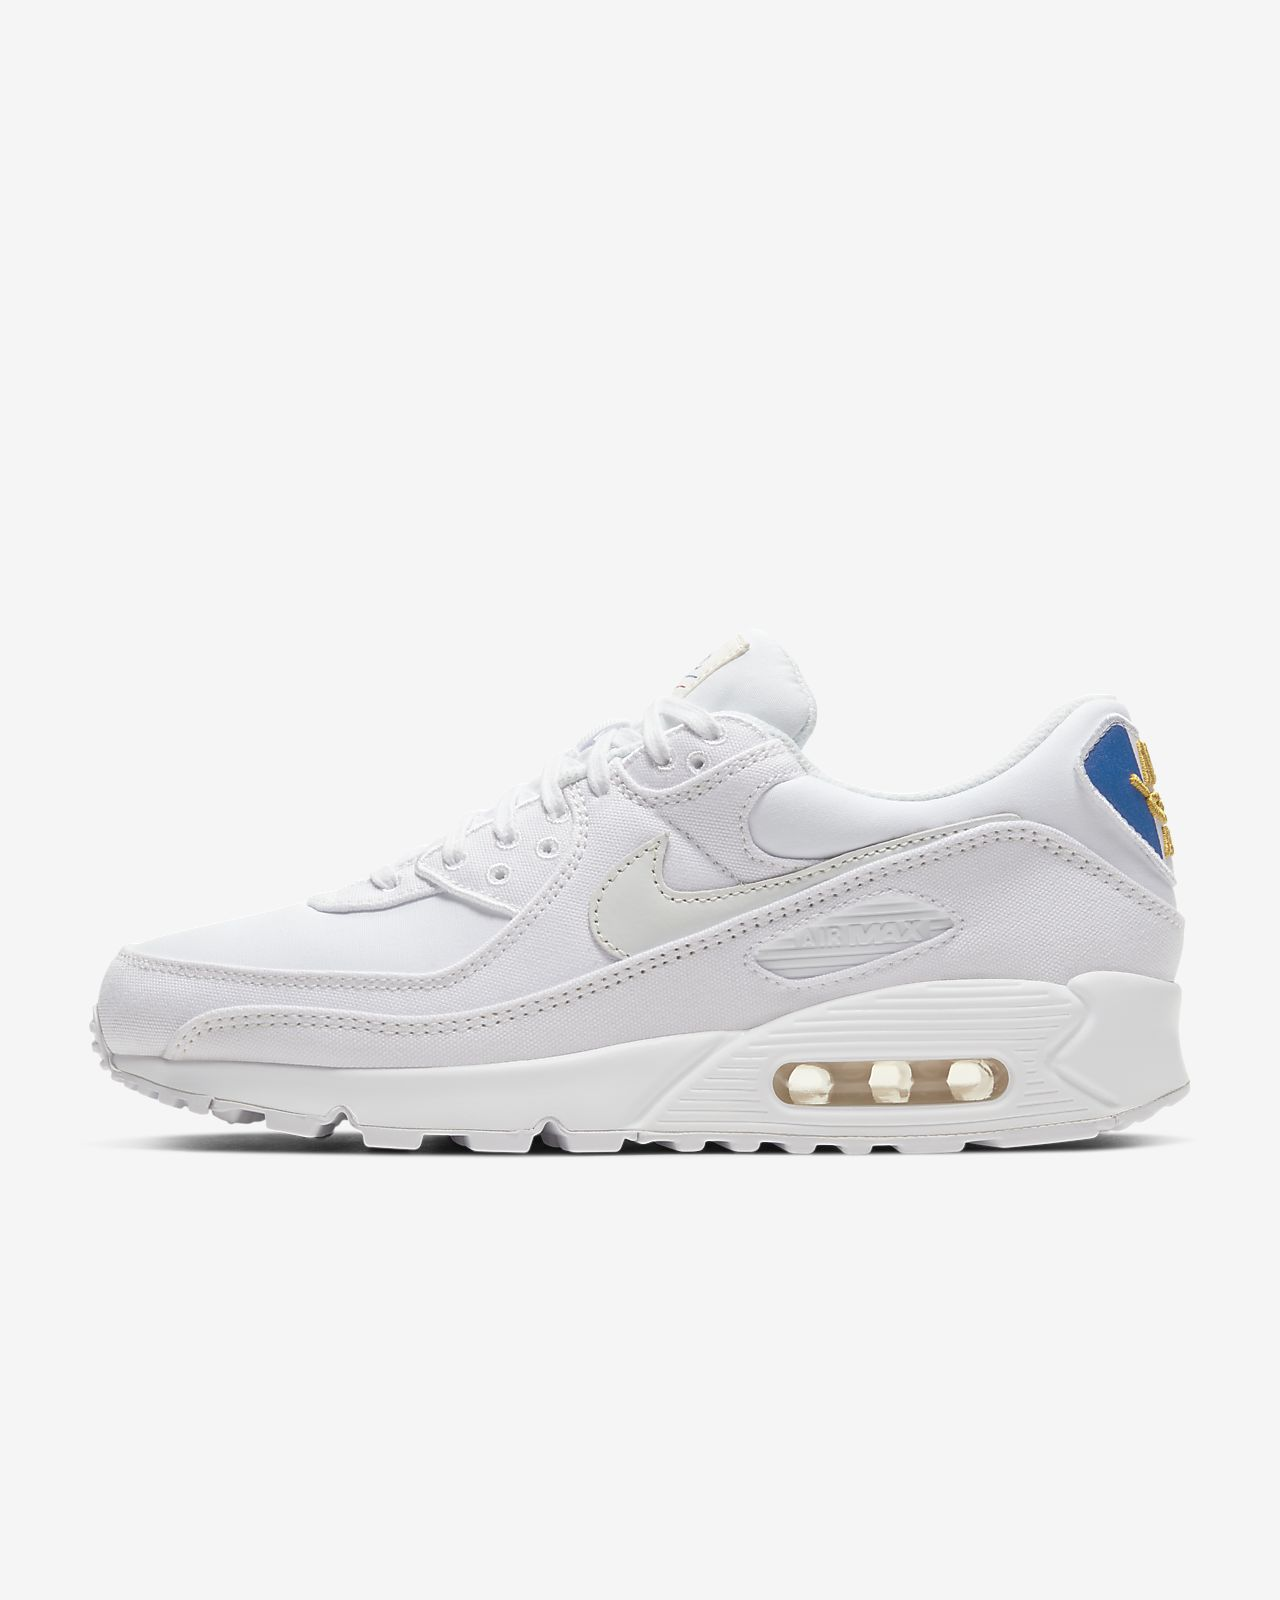 Nike Air Max 90 Premium Shoe